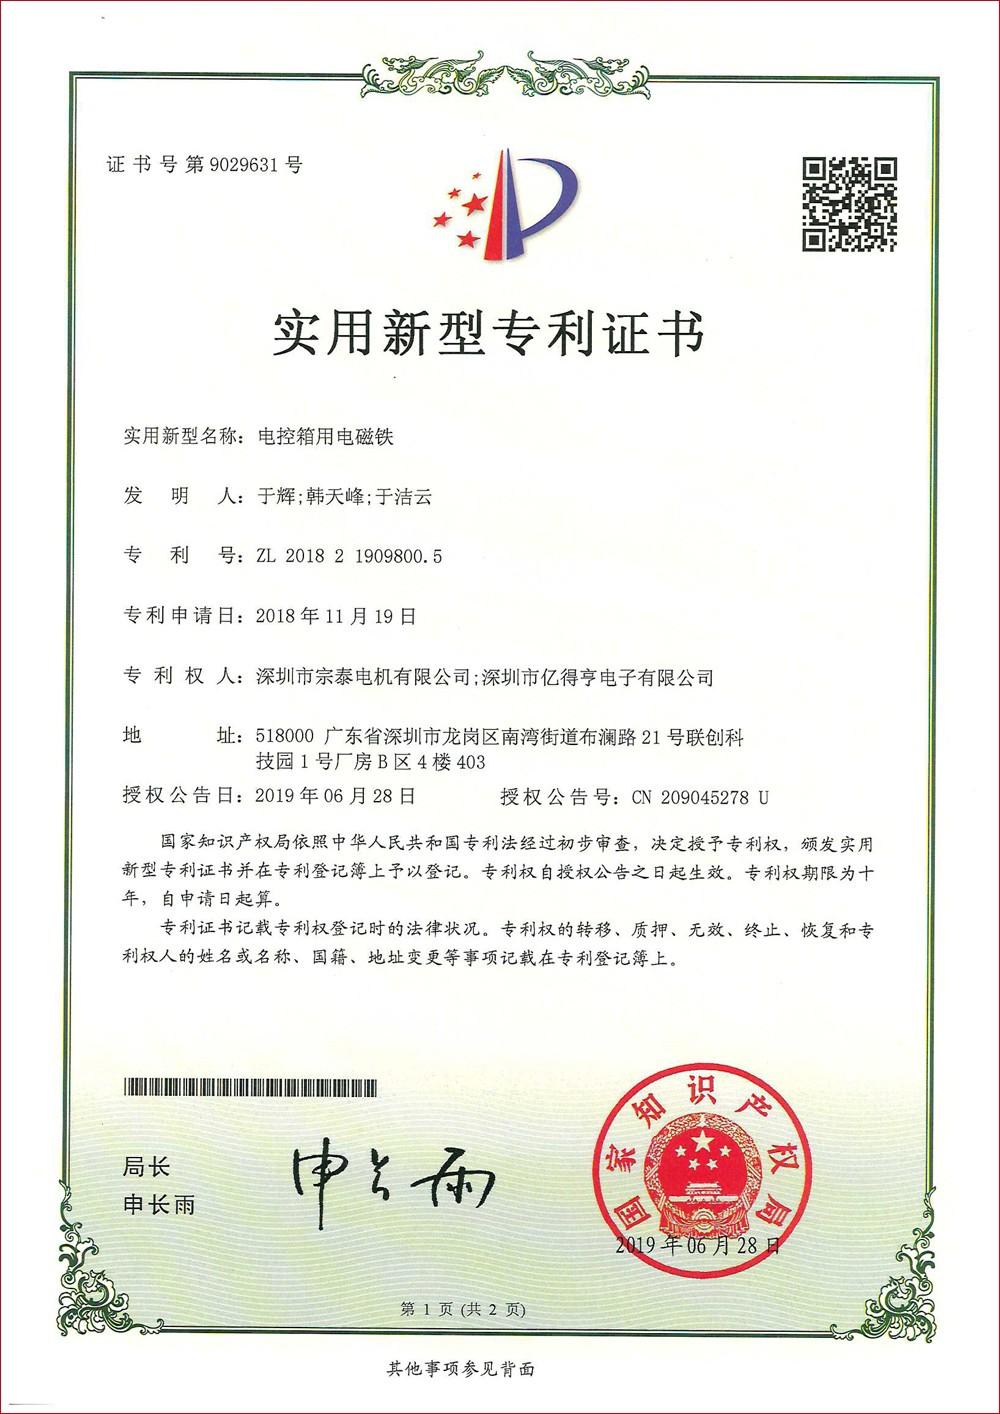 実用新案特許証明書3